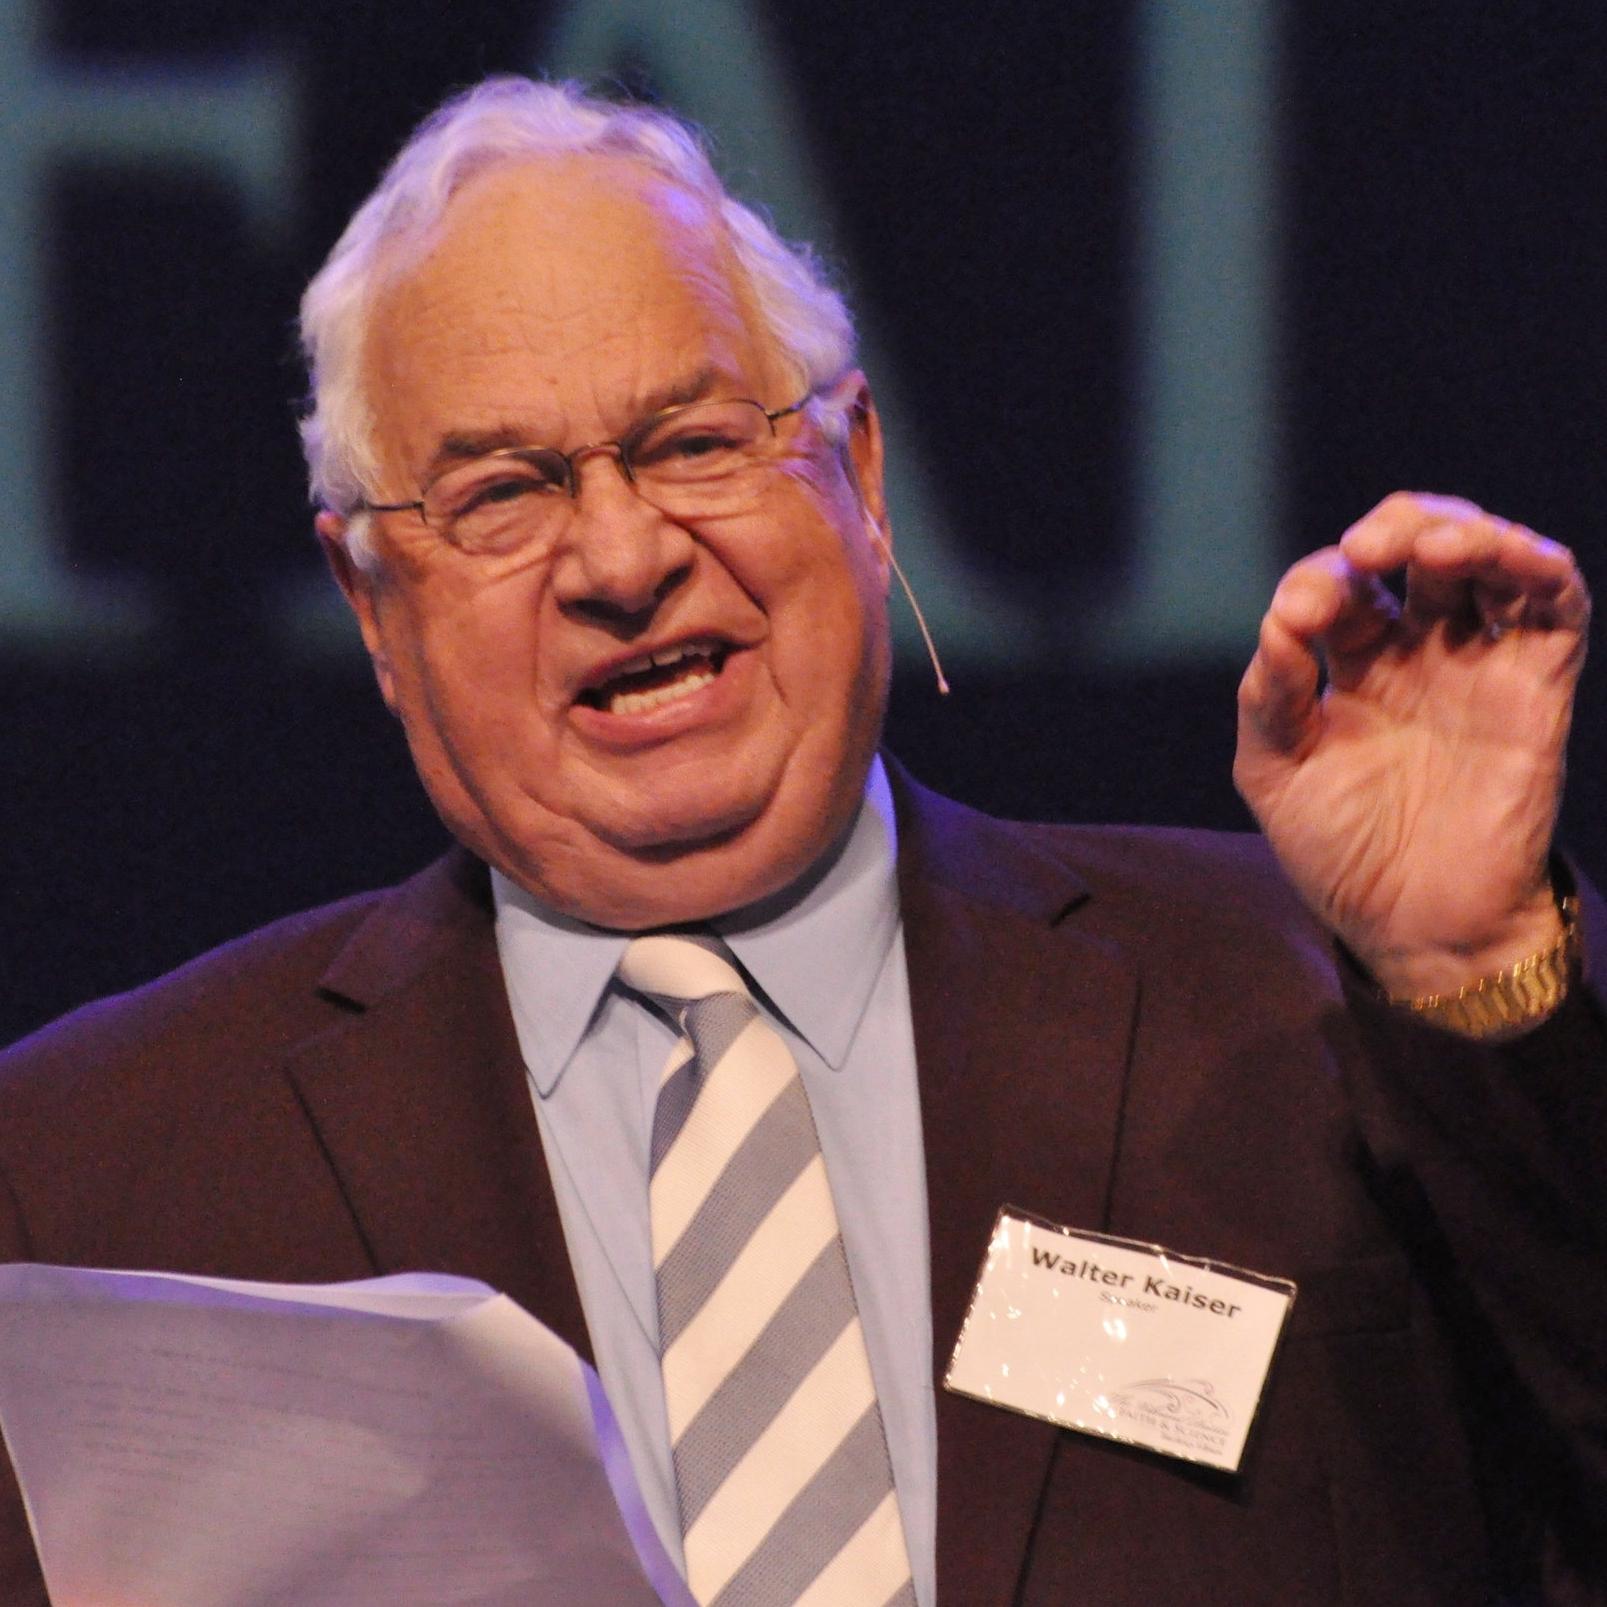 Walter Kaiser Speaking at VDFS 2011.jpg